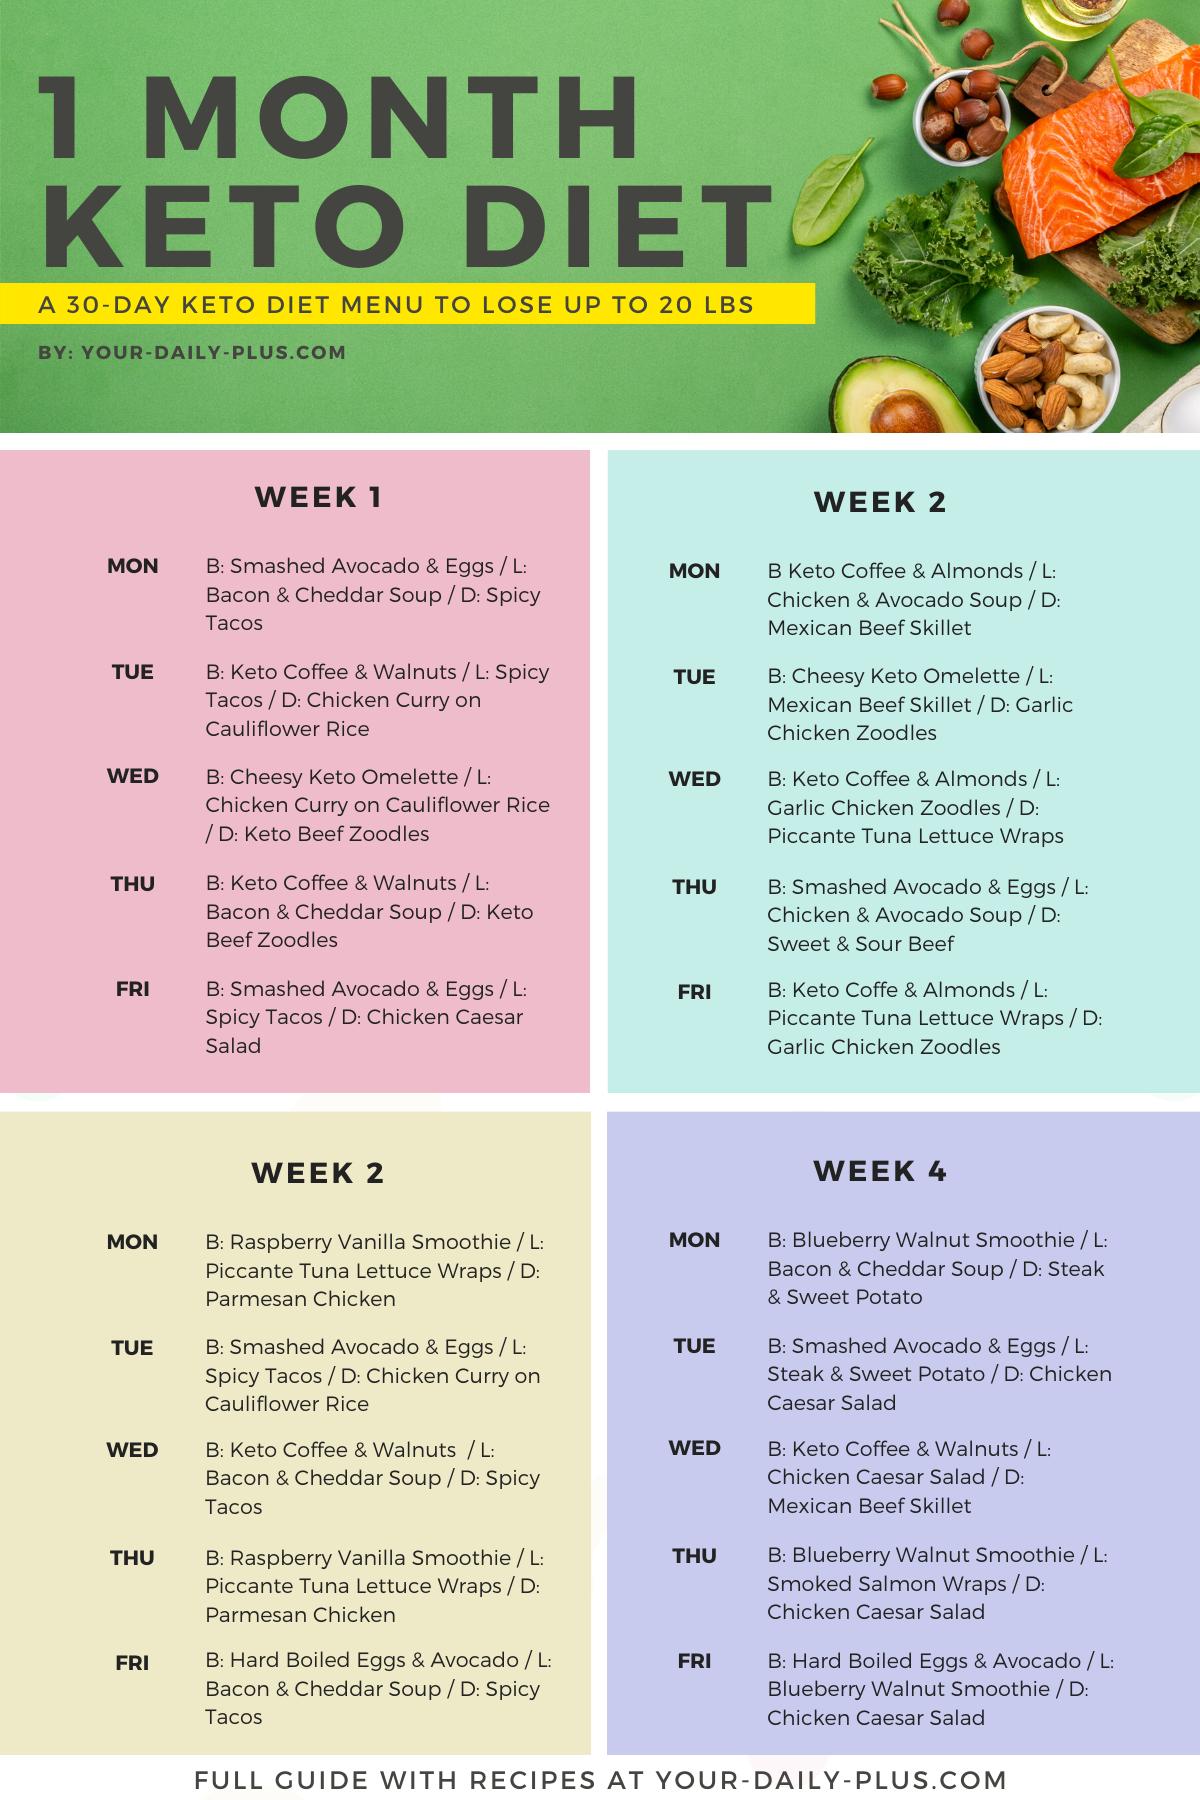 Keto Diet Menu: 30-Day Keto Meal Plan For Beginners #ketodietforbeginners